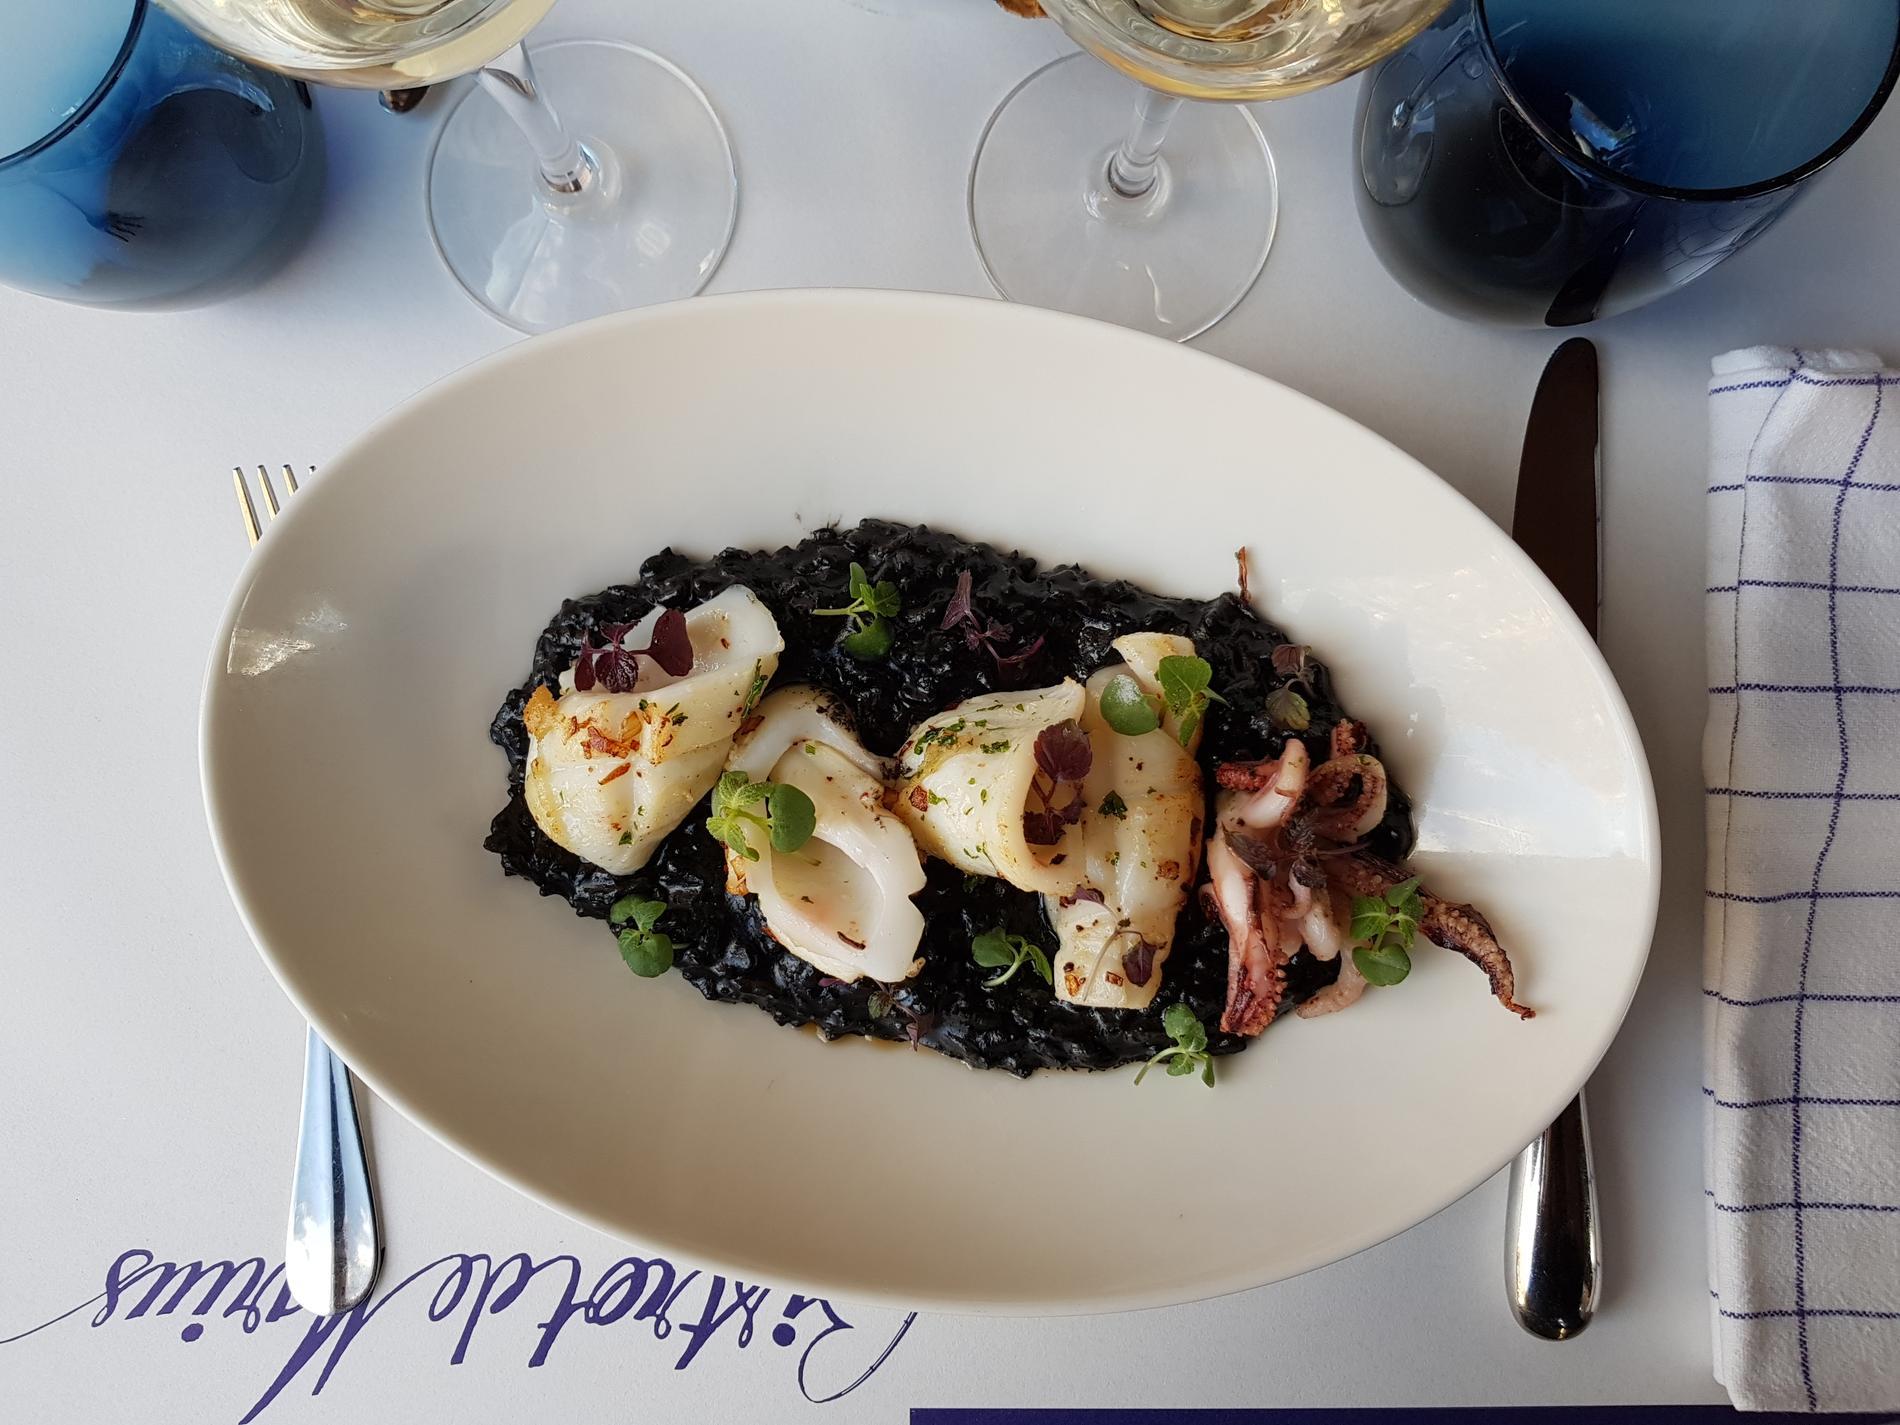 Souper gastronomique maison ventana blog - Blog cuisine gastronomique ...